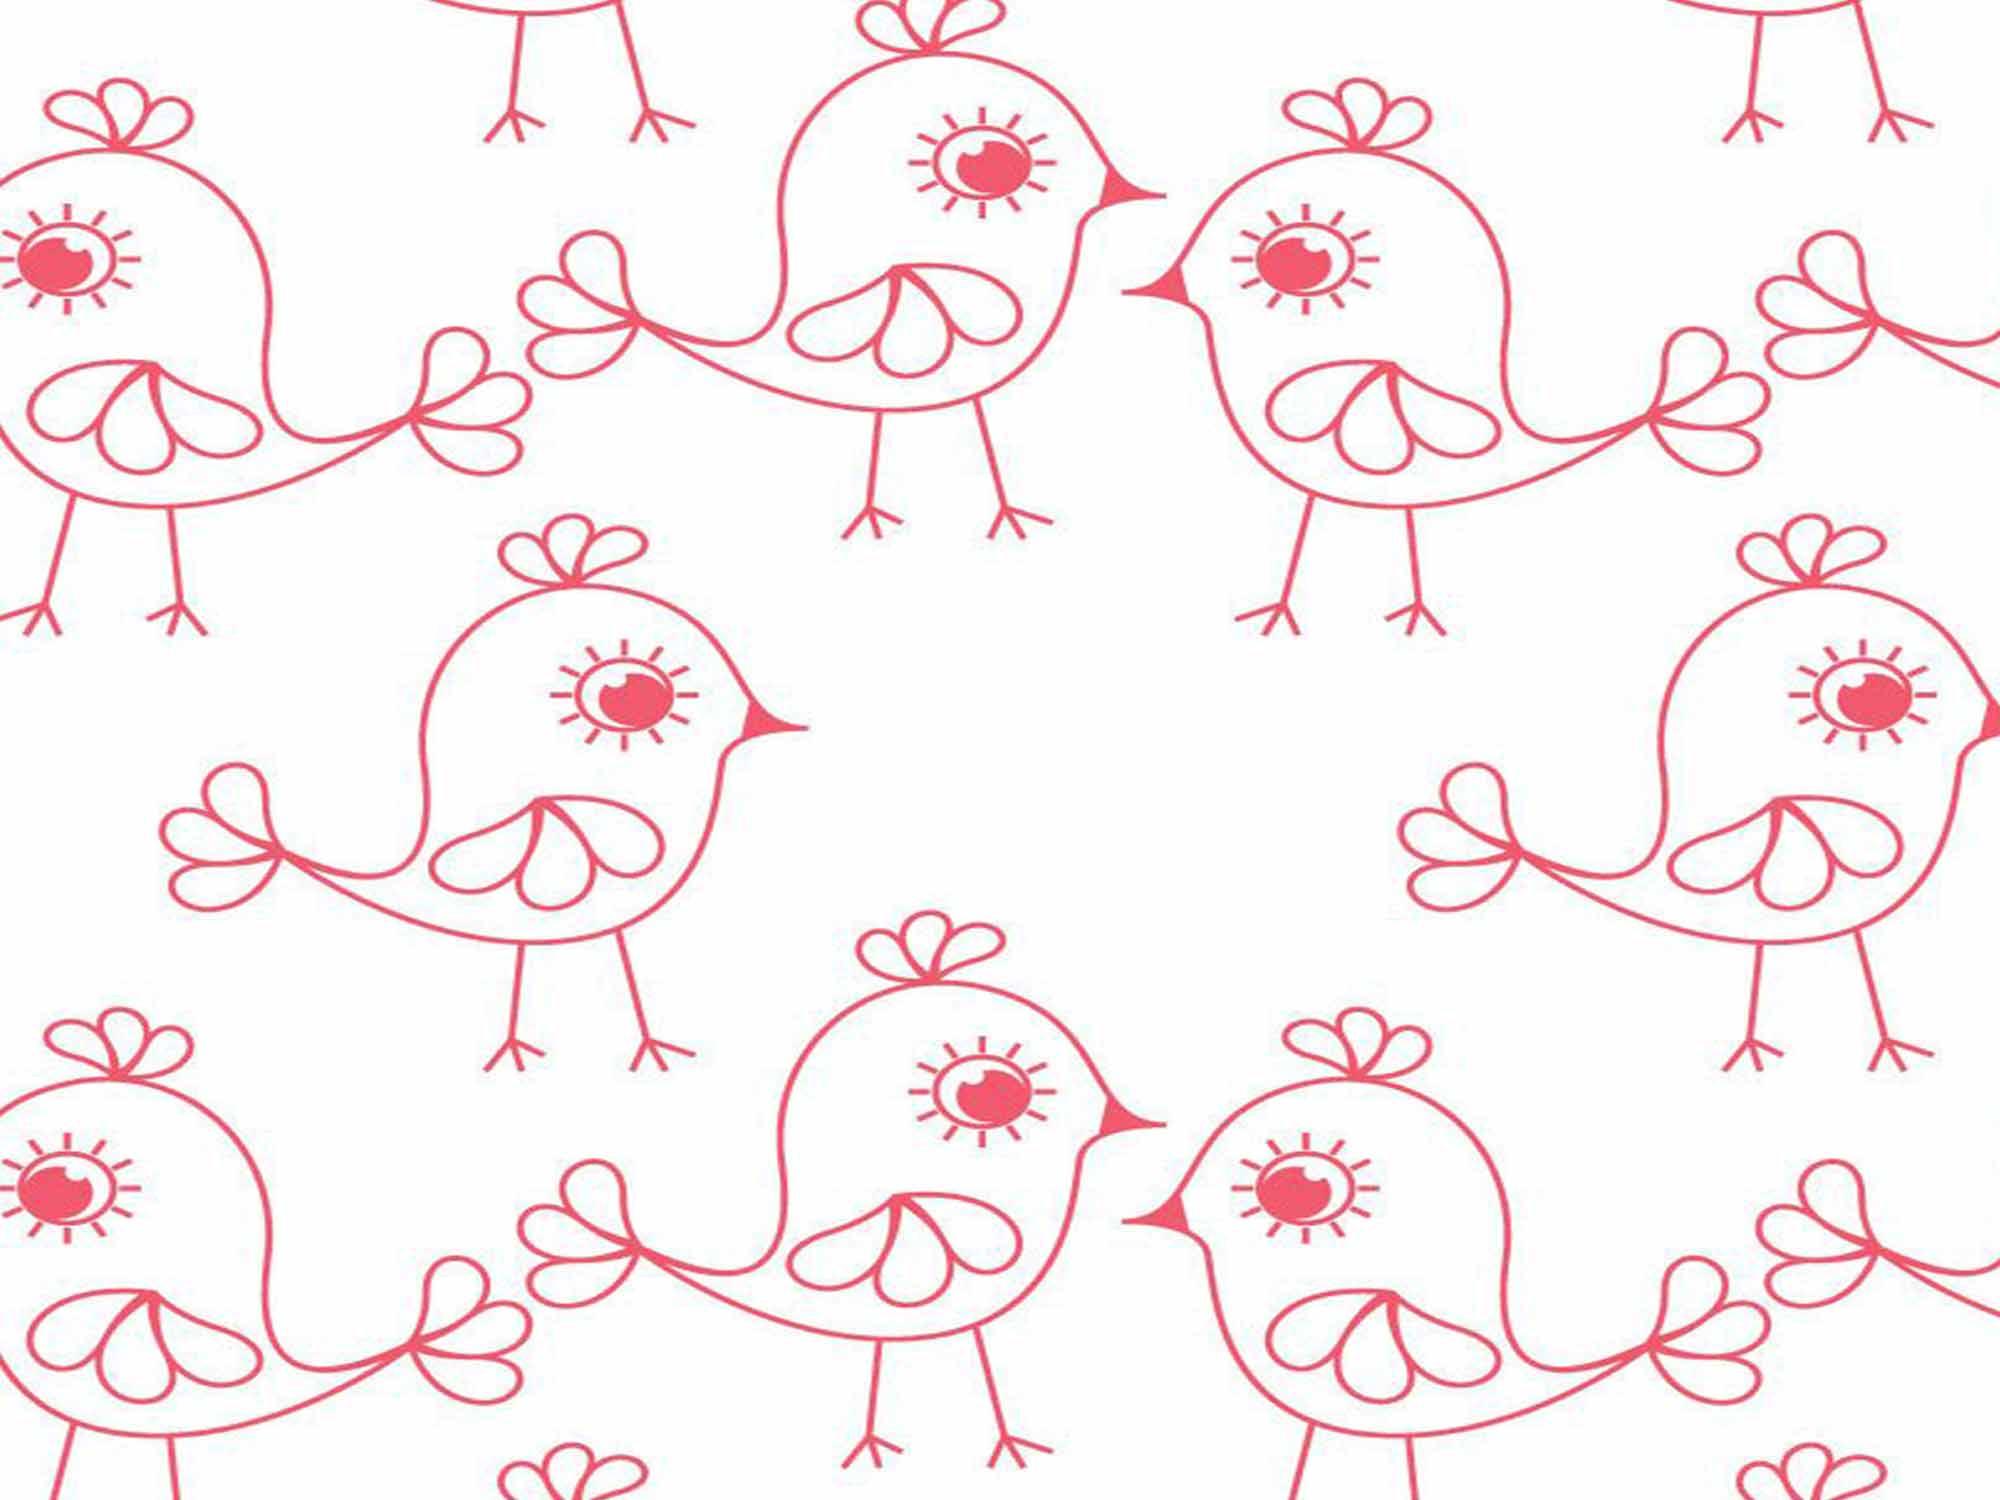 Papel de Parede para Quarto Animais 0049 - Adesivos de Parede  - Paredes Decoradas